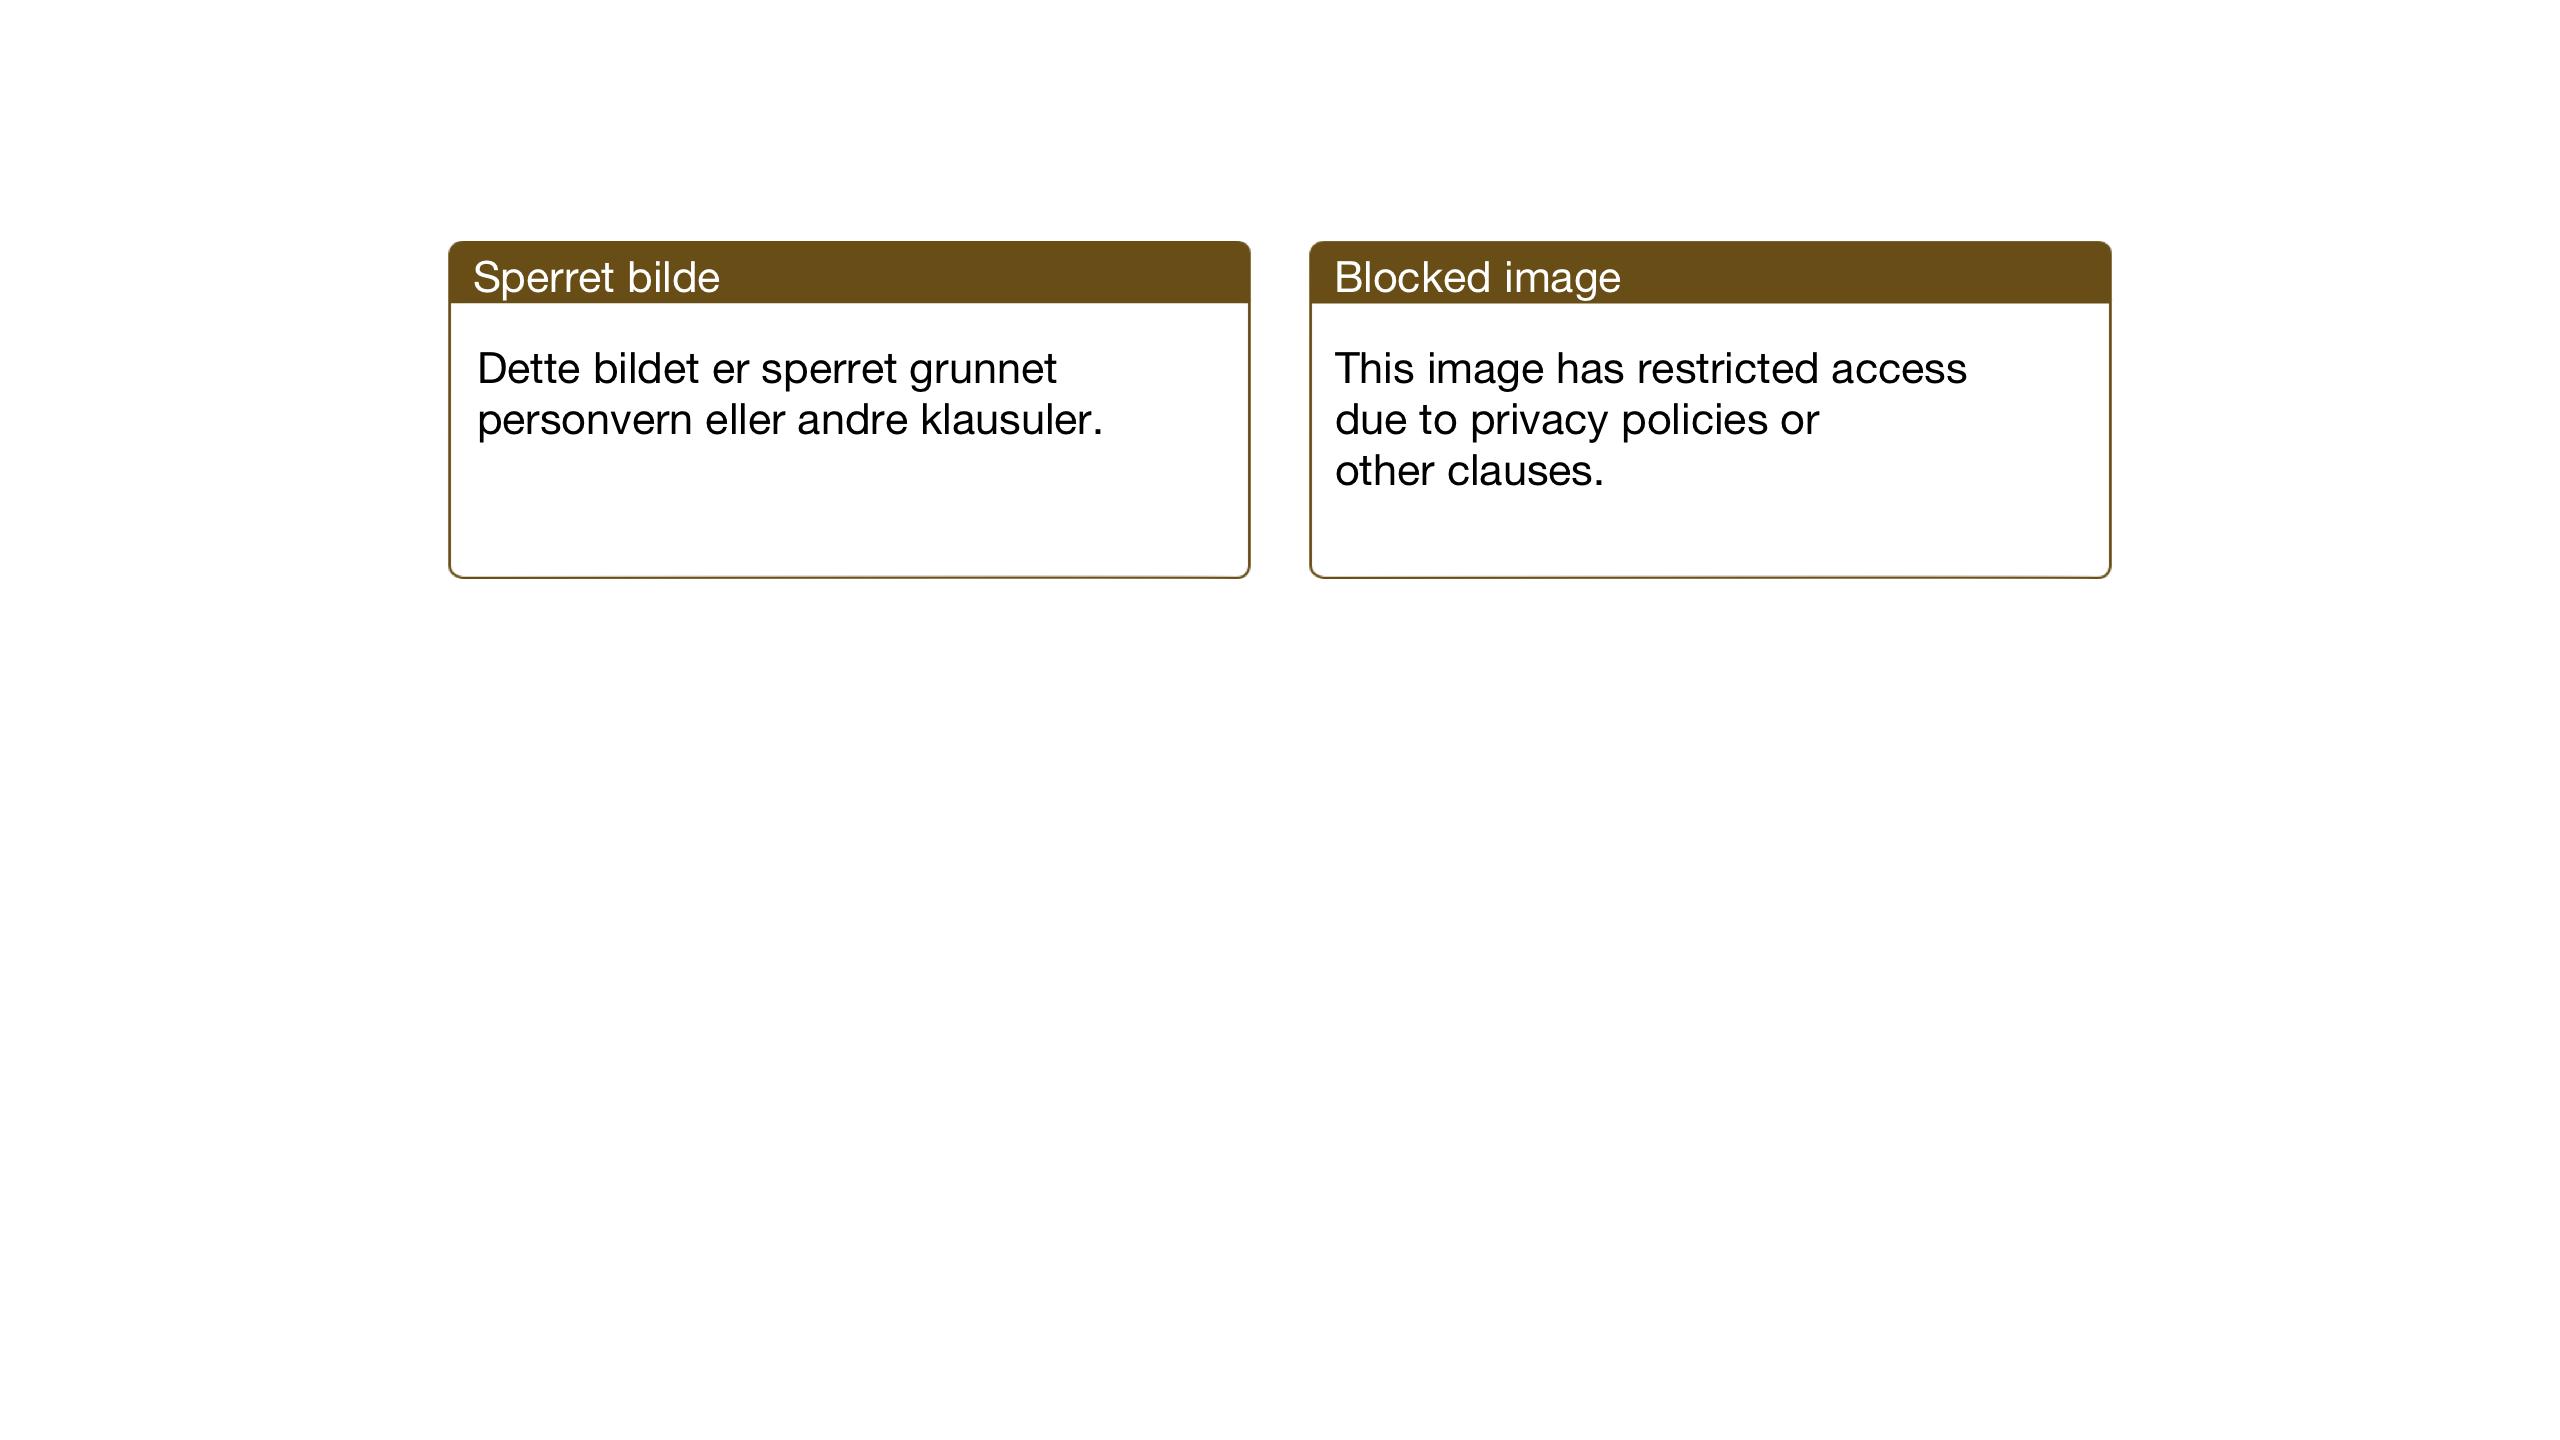 SAT, Ministerialprotokoller, klokkerbøker og fødselsregistre - Nord-Trøndelag, 714/L0136: Klokkerbok nr. 714C05, 1918-1957, s. 230